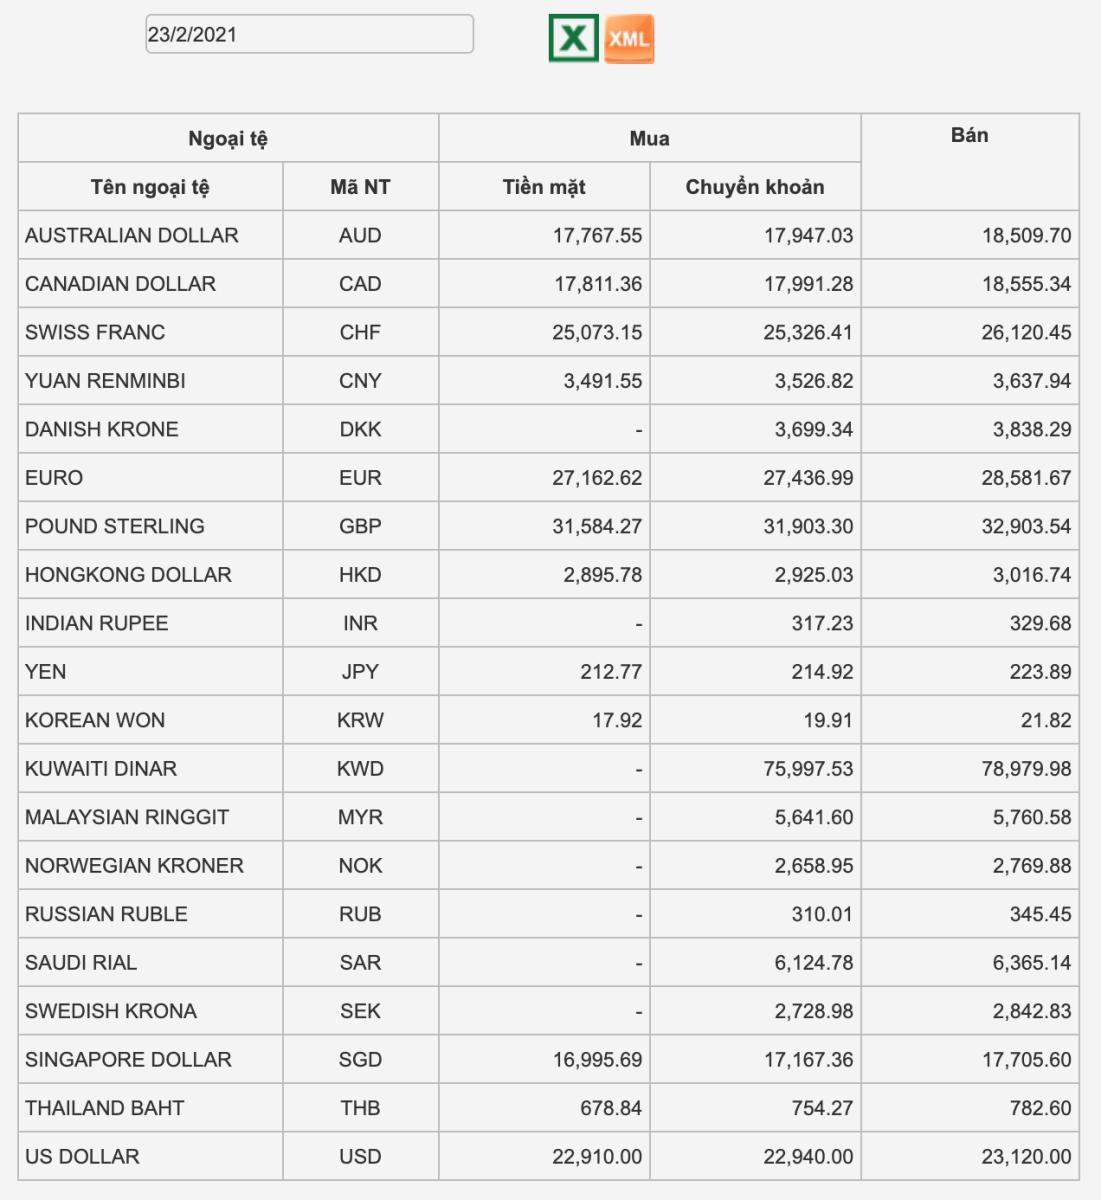 Tỷ giá Vietcombank hôm nay 23/2: USD tăng tốt